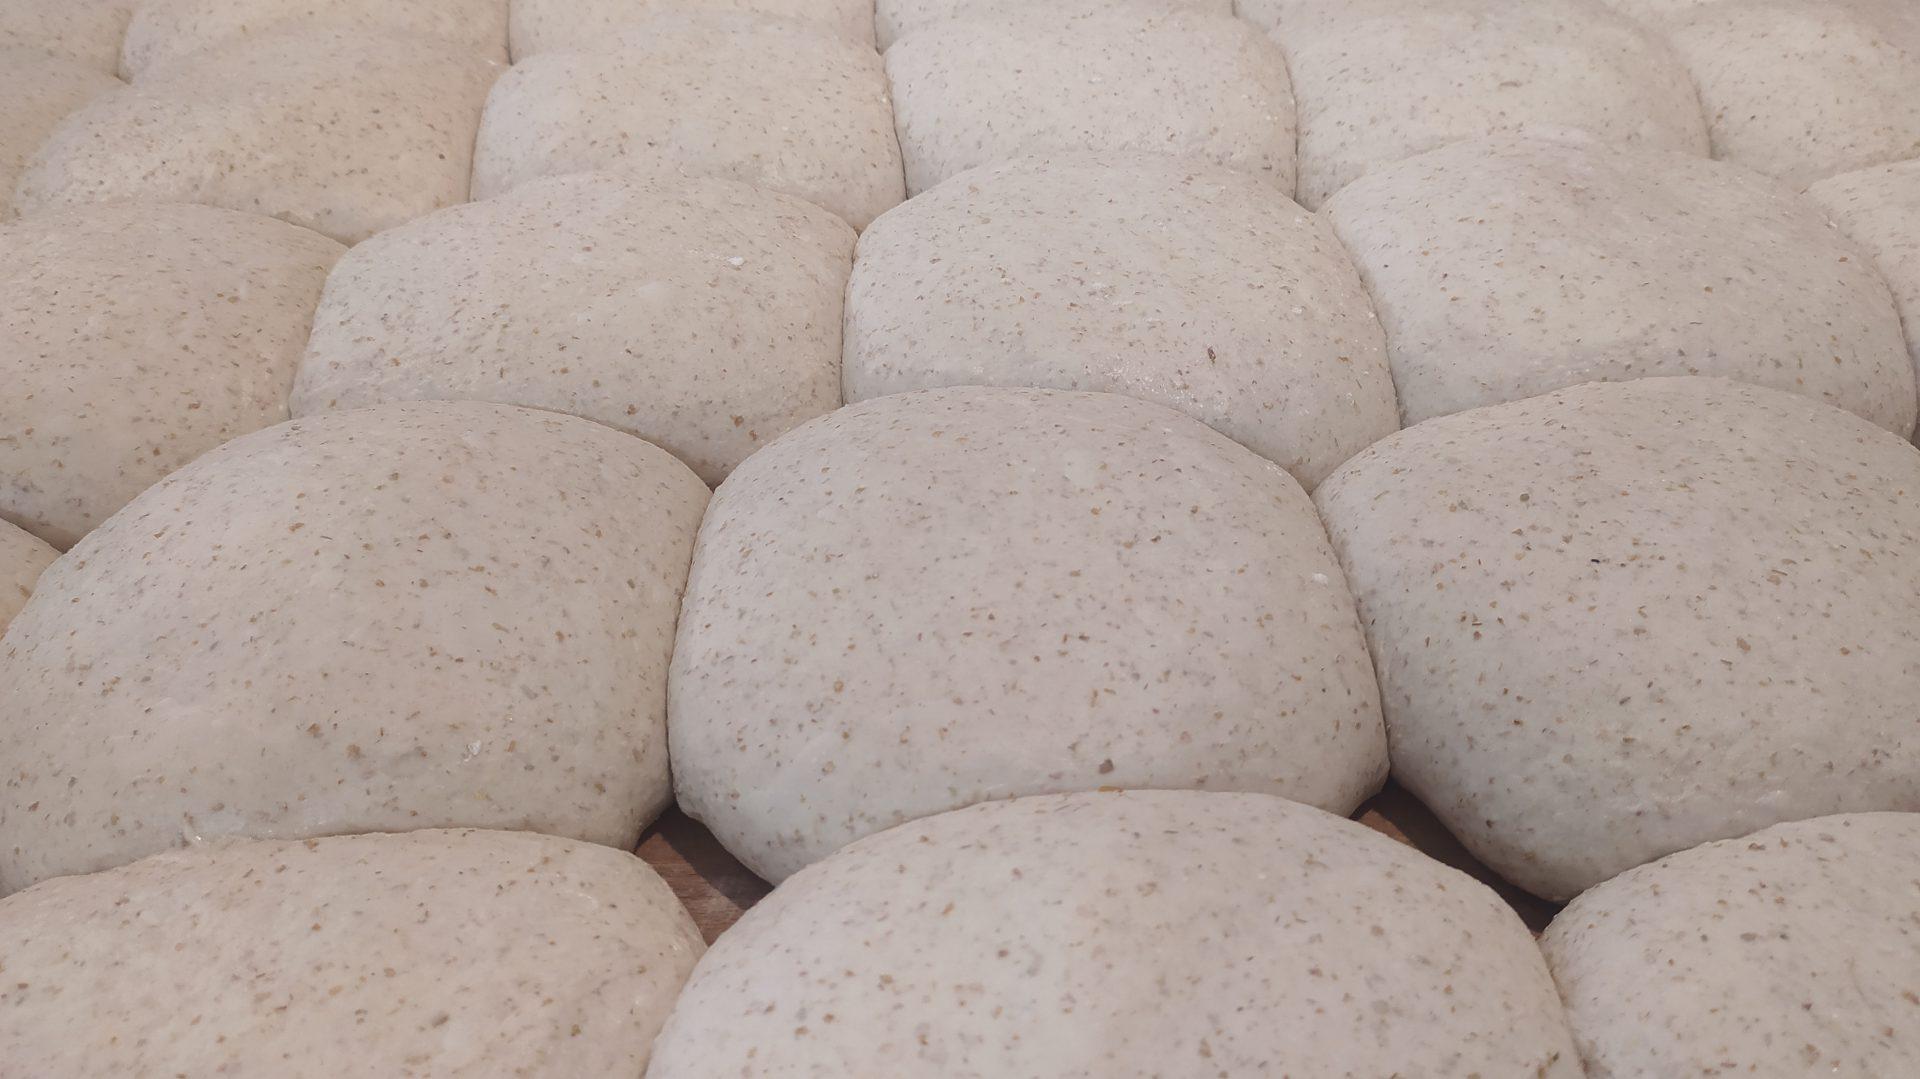 Czym chleb rzemieślniczy różni się od takiego z sieciówki? Ma smak.